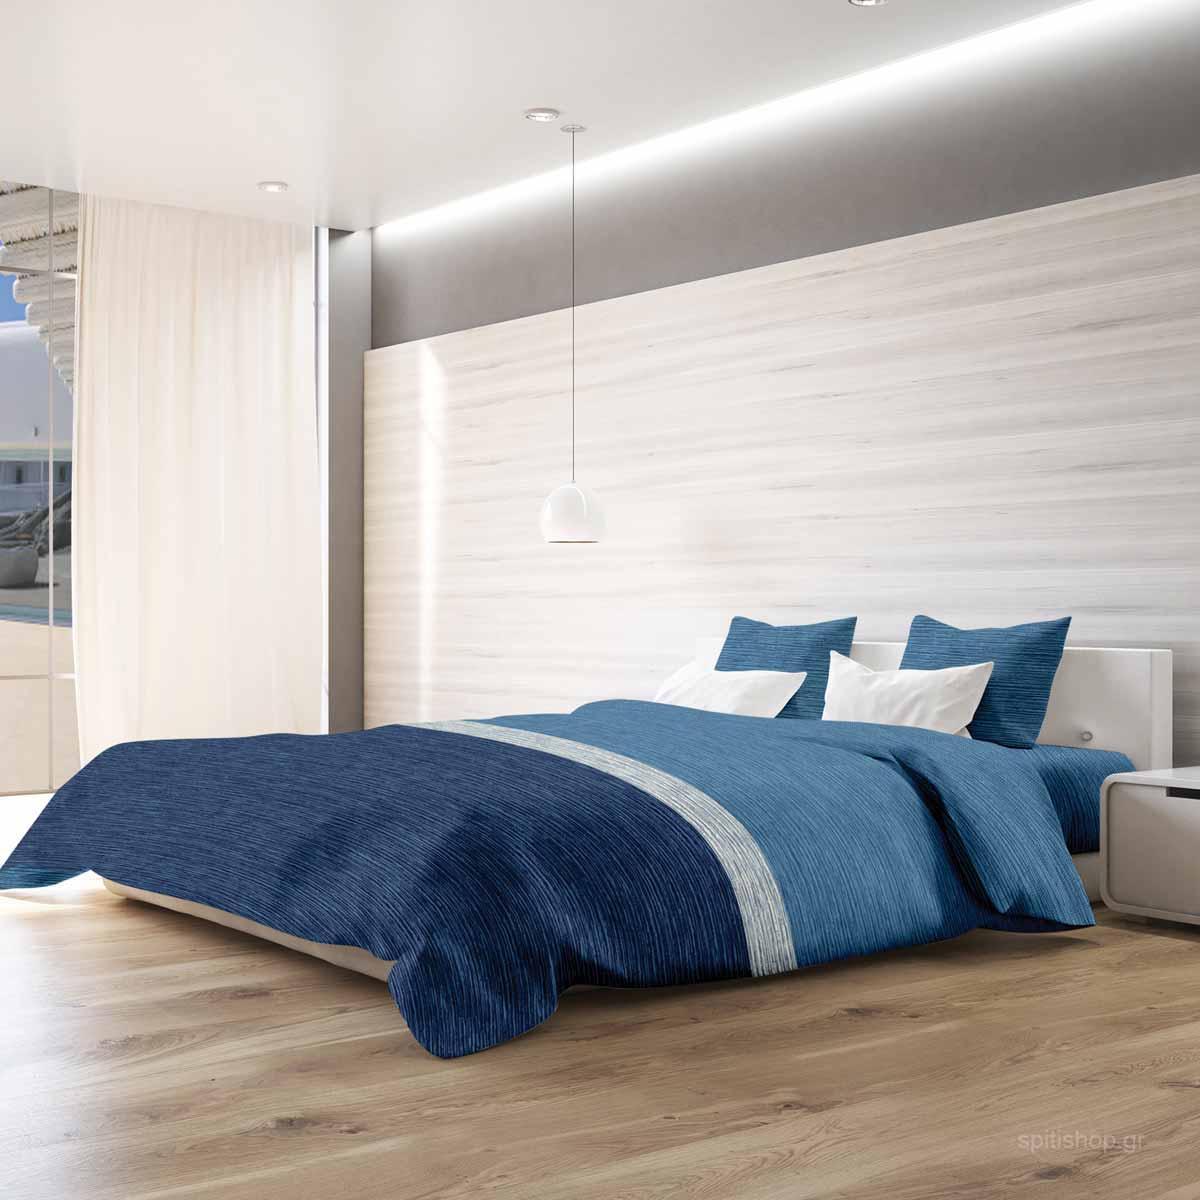 Σεντόνια Μονά (Σετ) Makis Tselios Exotica Blue ΧΩΡΙΣ ΛΑΣΤΙΧΟ 170×260 ΧΩΡΙΣ ΛΑΣΤΙΧΟ 170×260